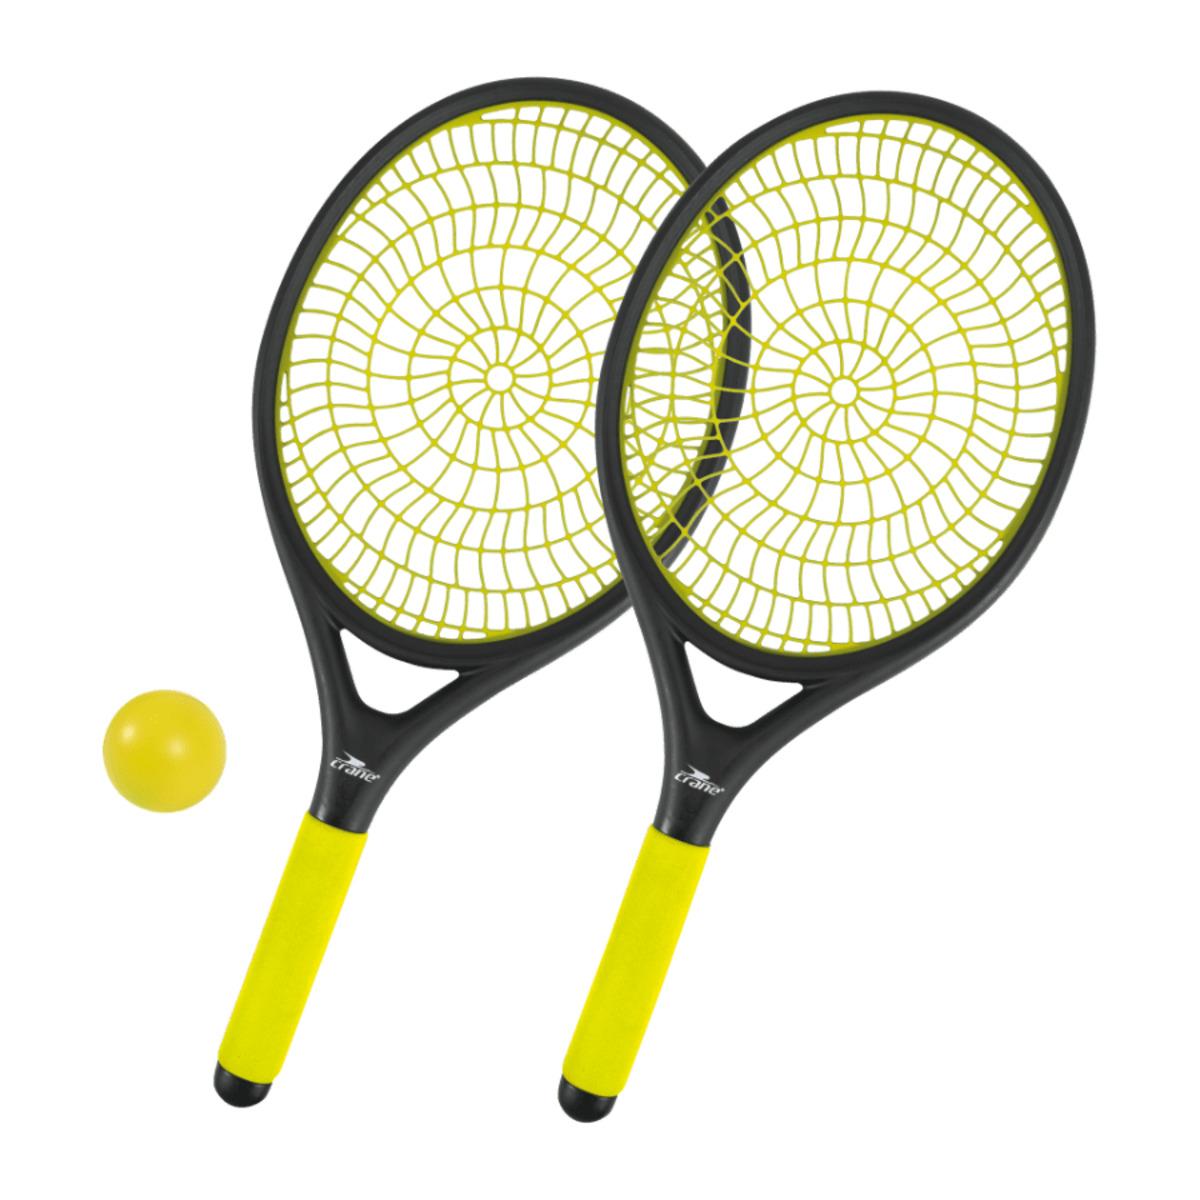 Bild 3 von CRANE     Garten-Tennis-Set